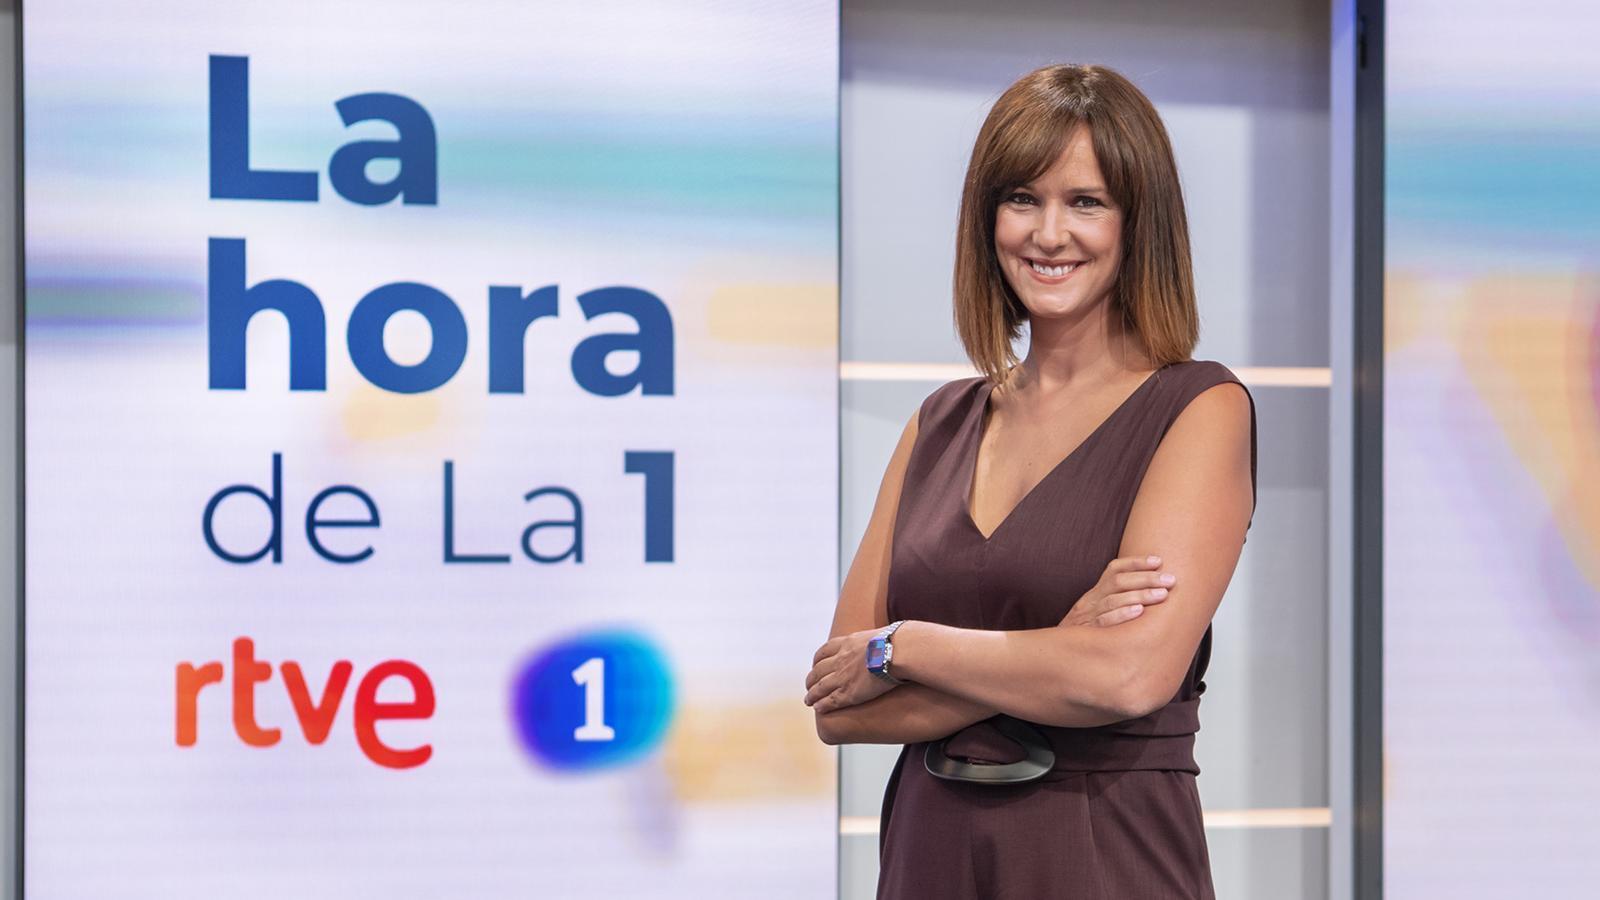 Mònica López, que durant els últims dotze anys ha sigut la cap de meteorologia de TVE, presentarà cada matí 'La hora de La 1'